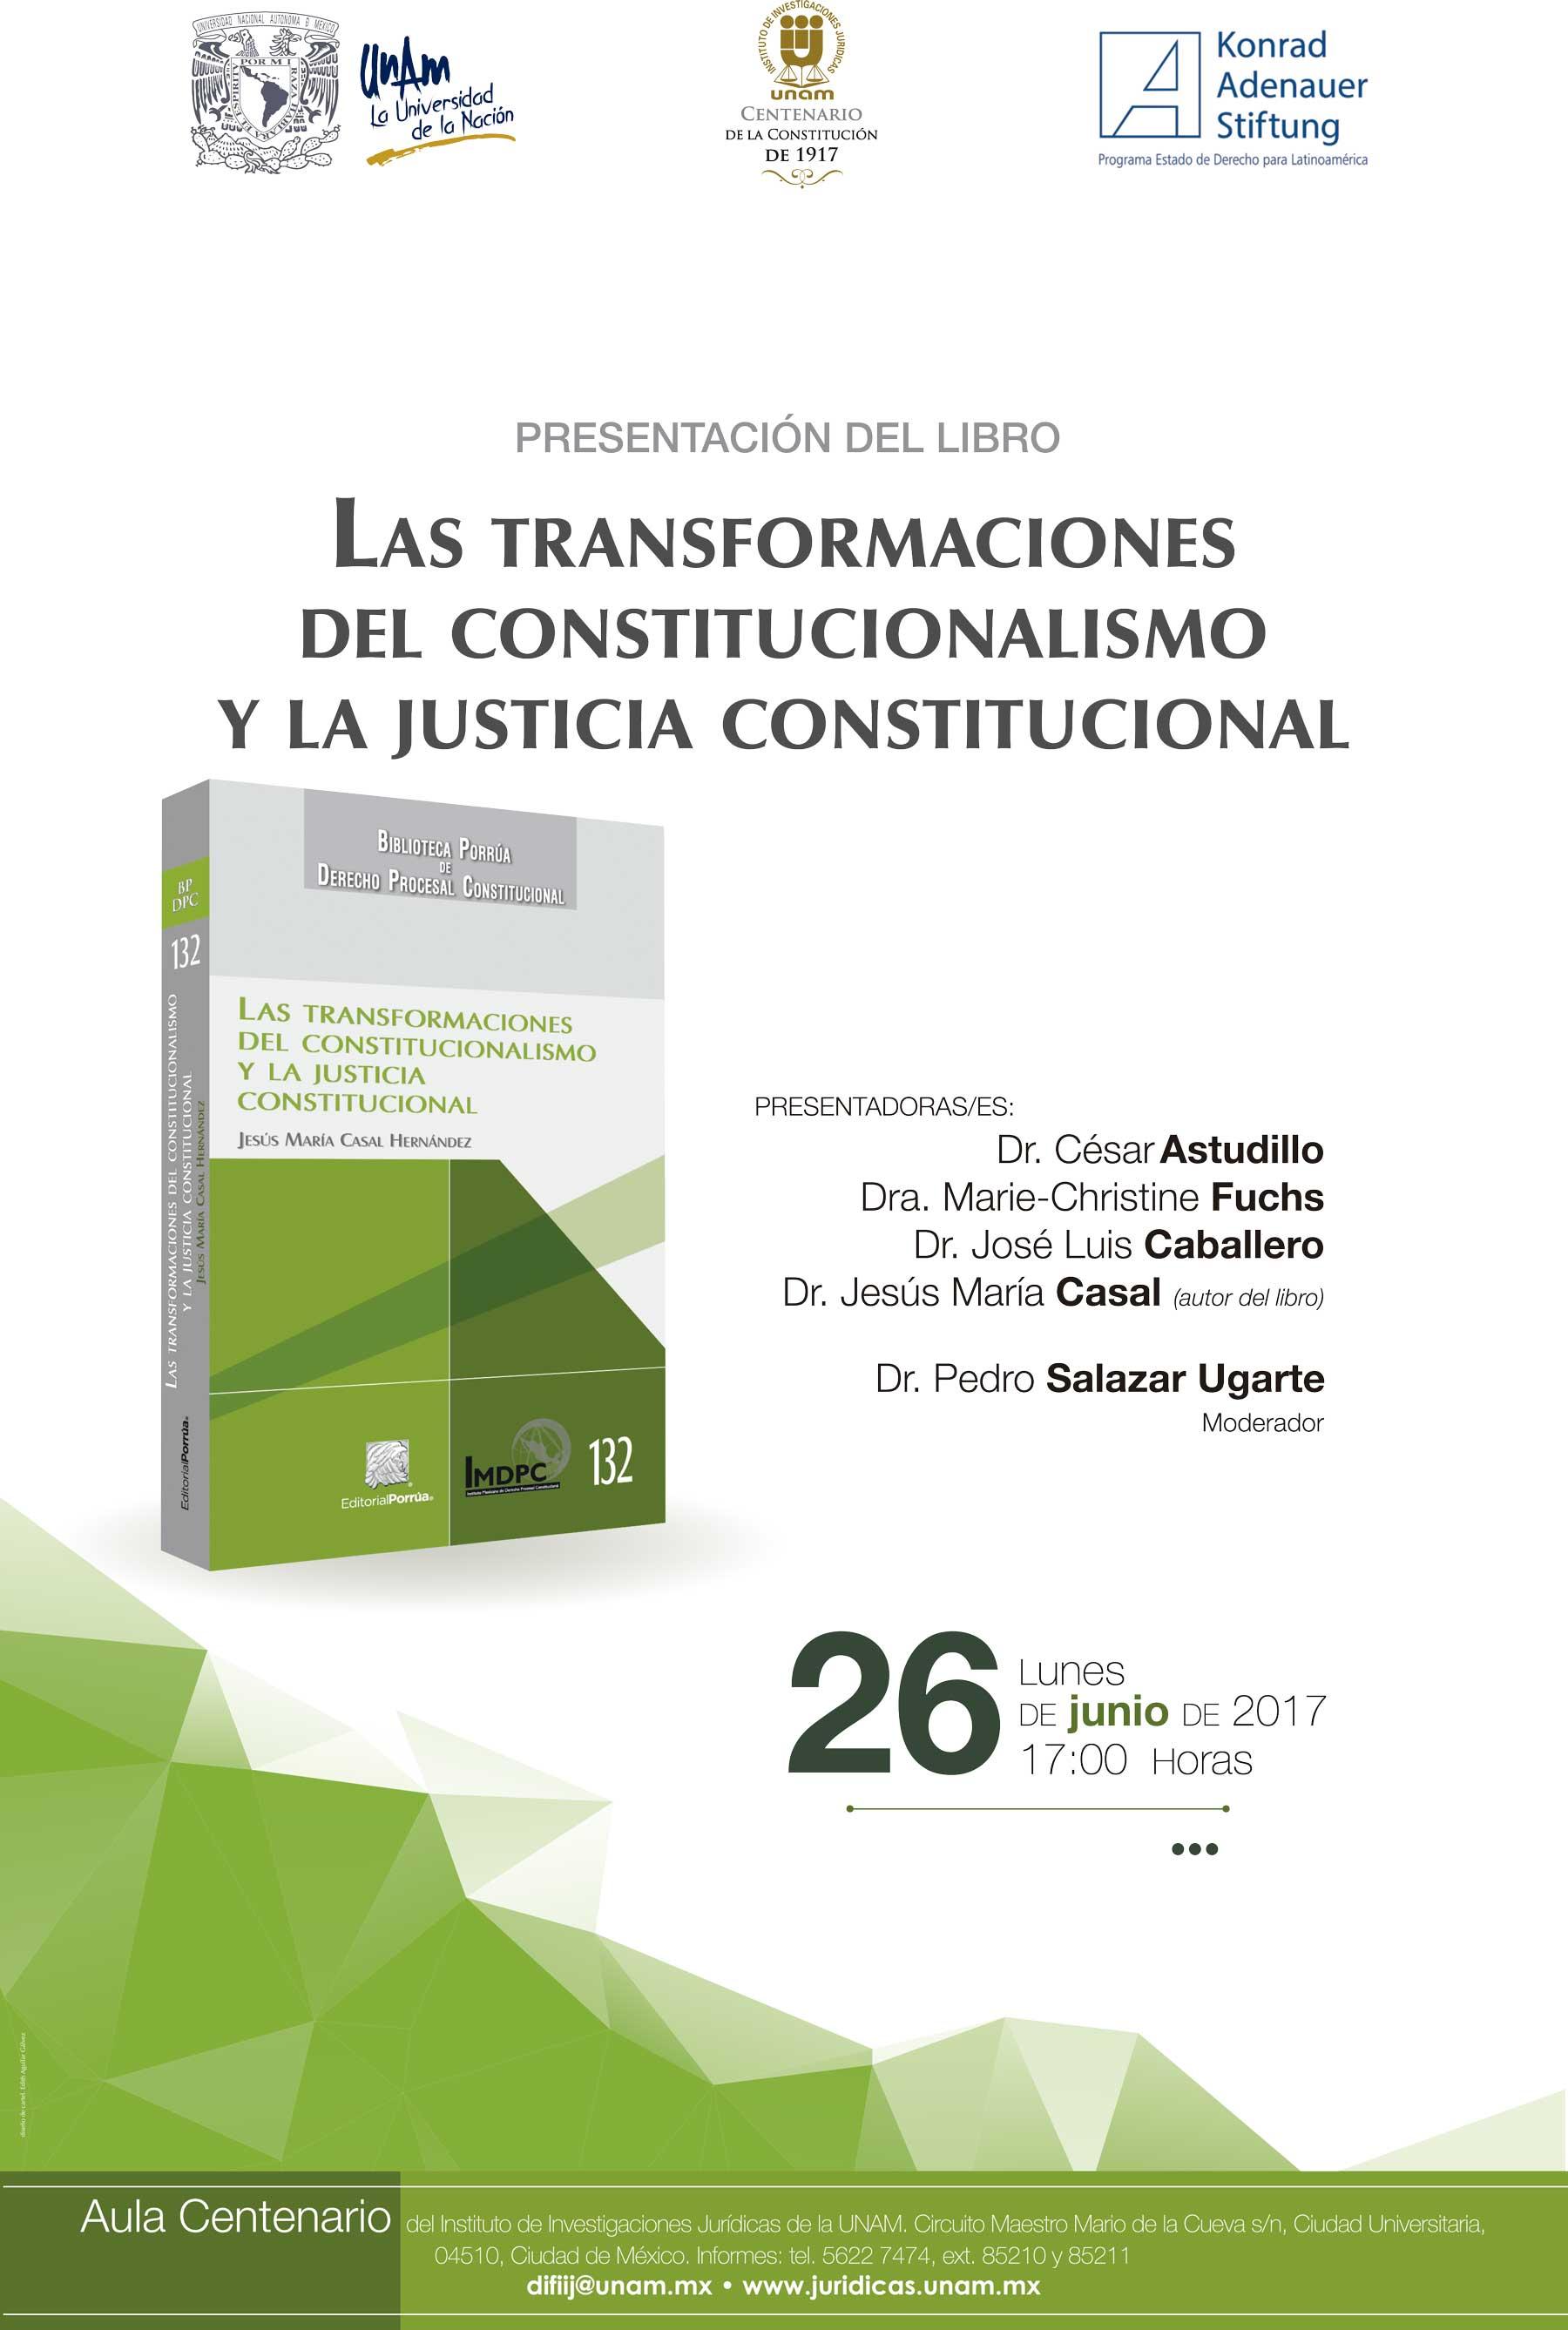 Las transformaciones del constitucionalismo y la justicia constitucional